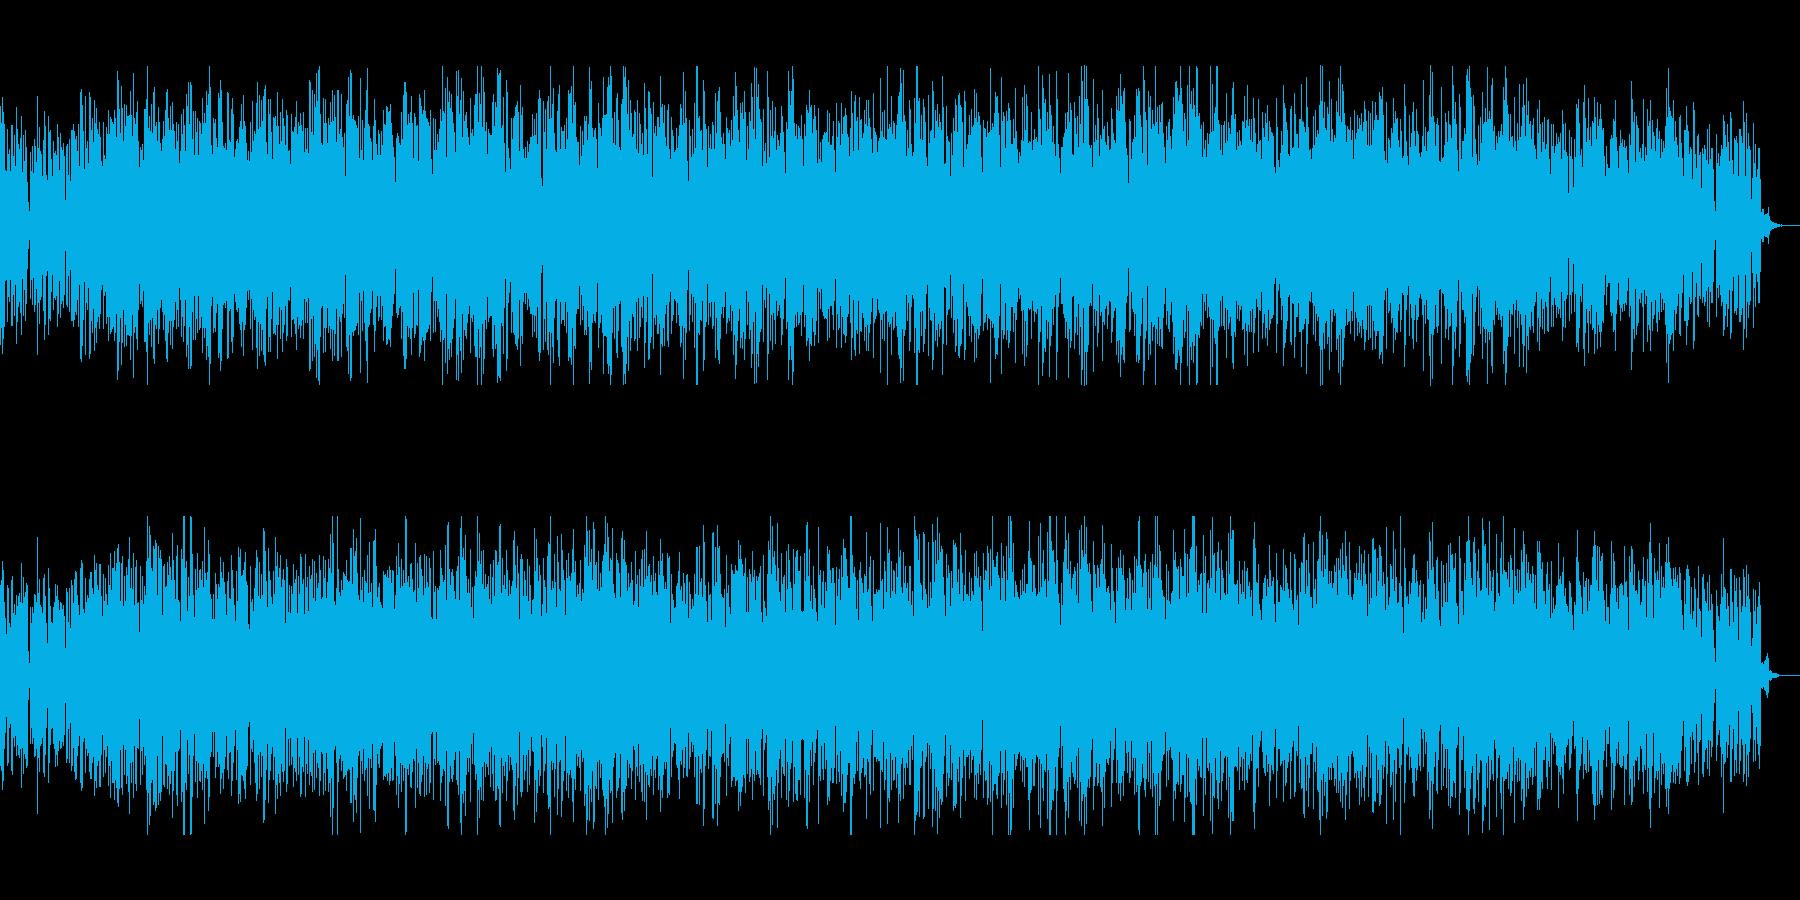 アナログシンセの70sテクノの再生済みの波形